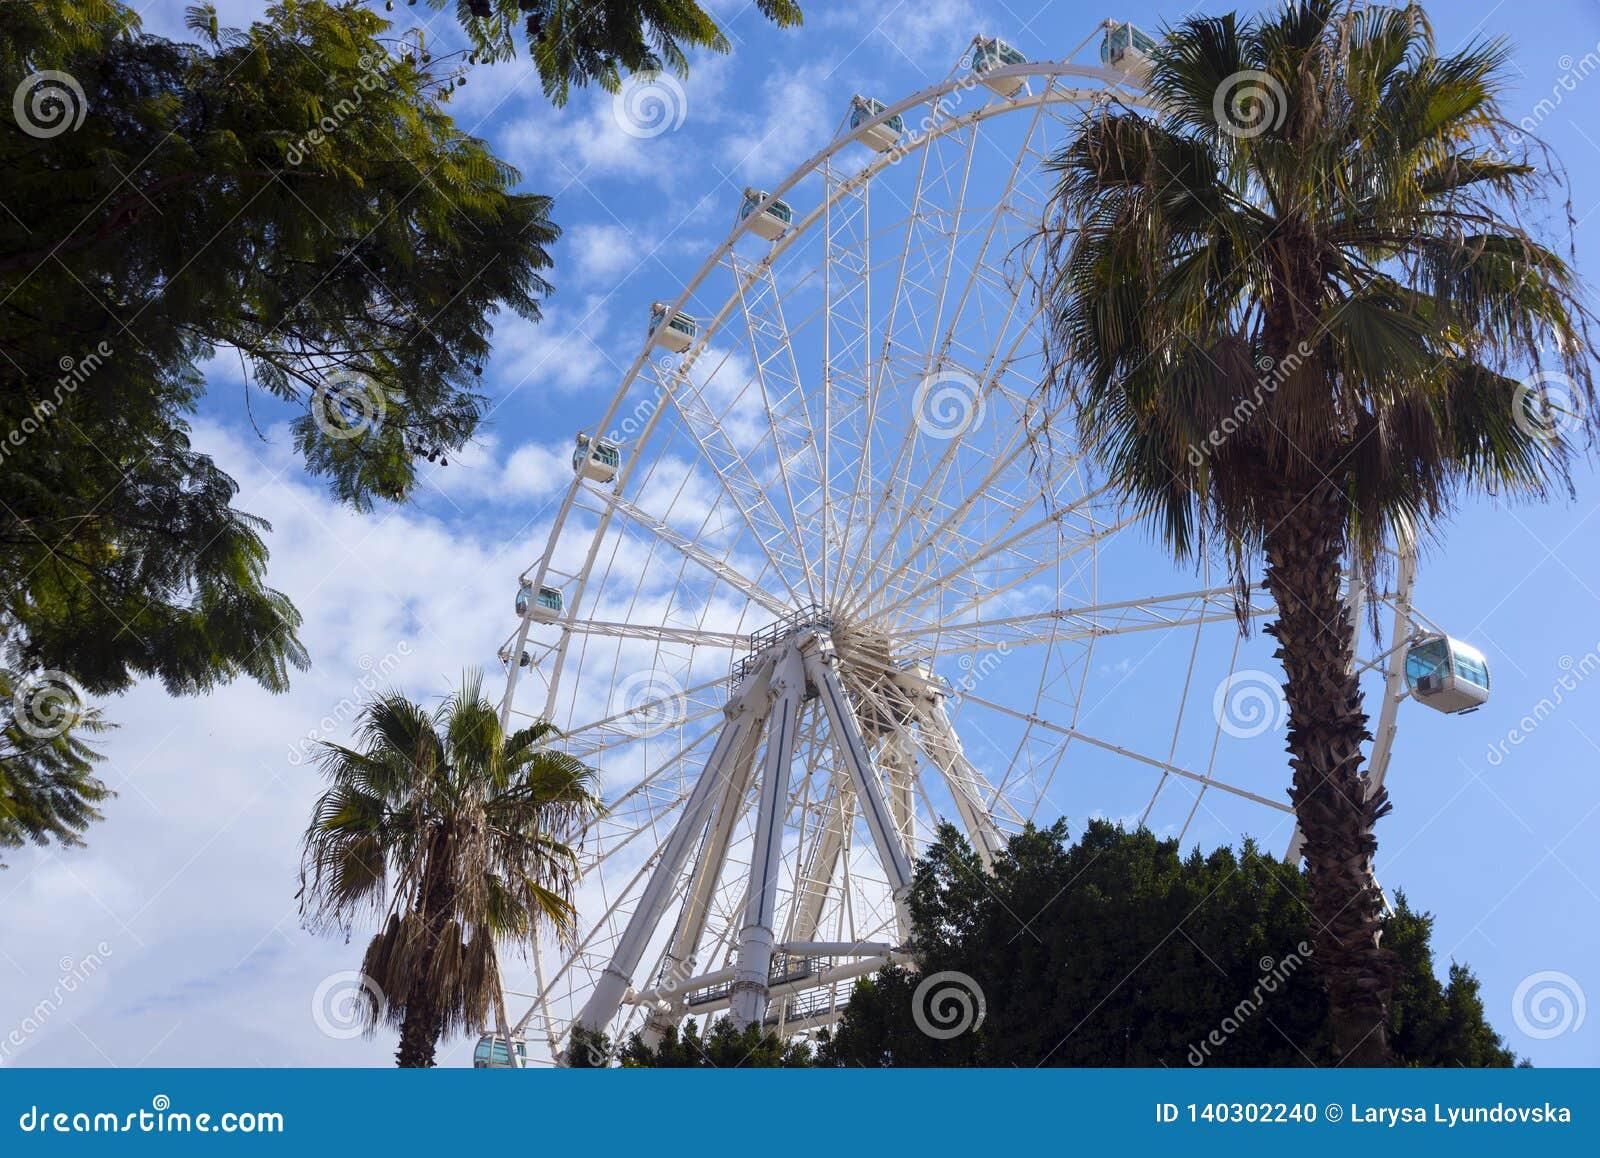 Panoramiczny koło, kabiny i drzewka palmowe przeciw niebieskiemu niebu z chmurami,